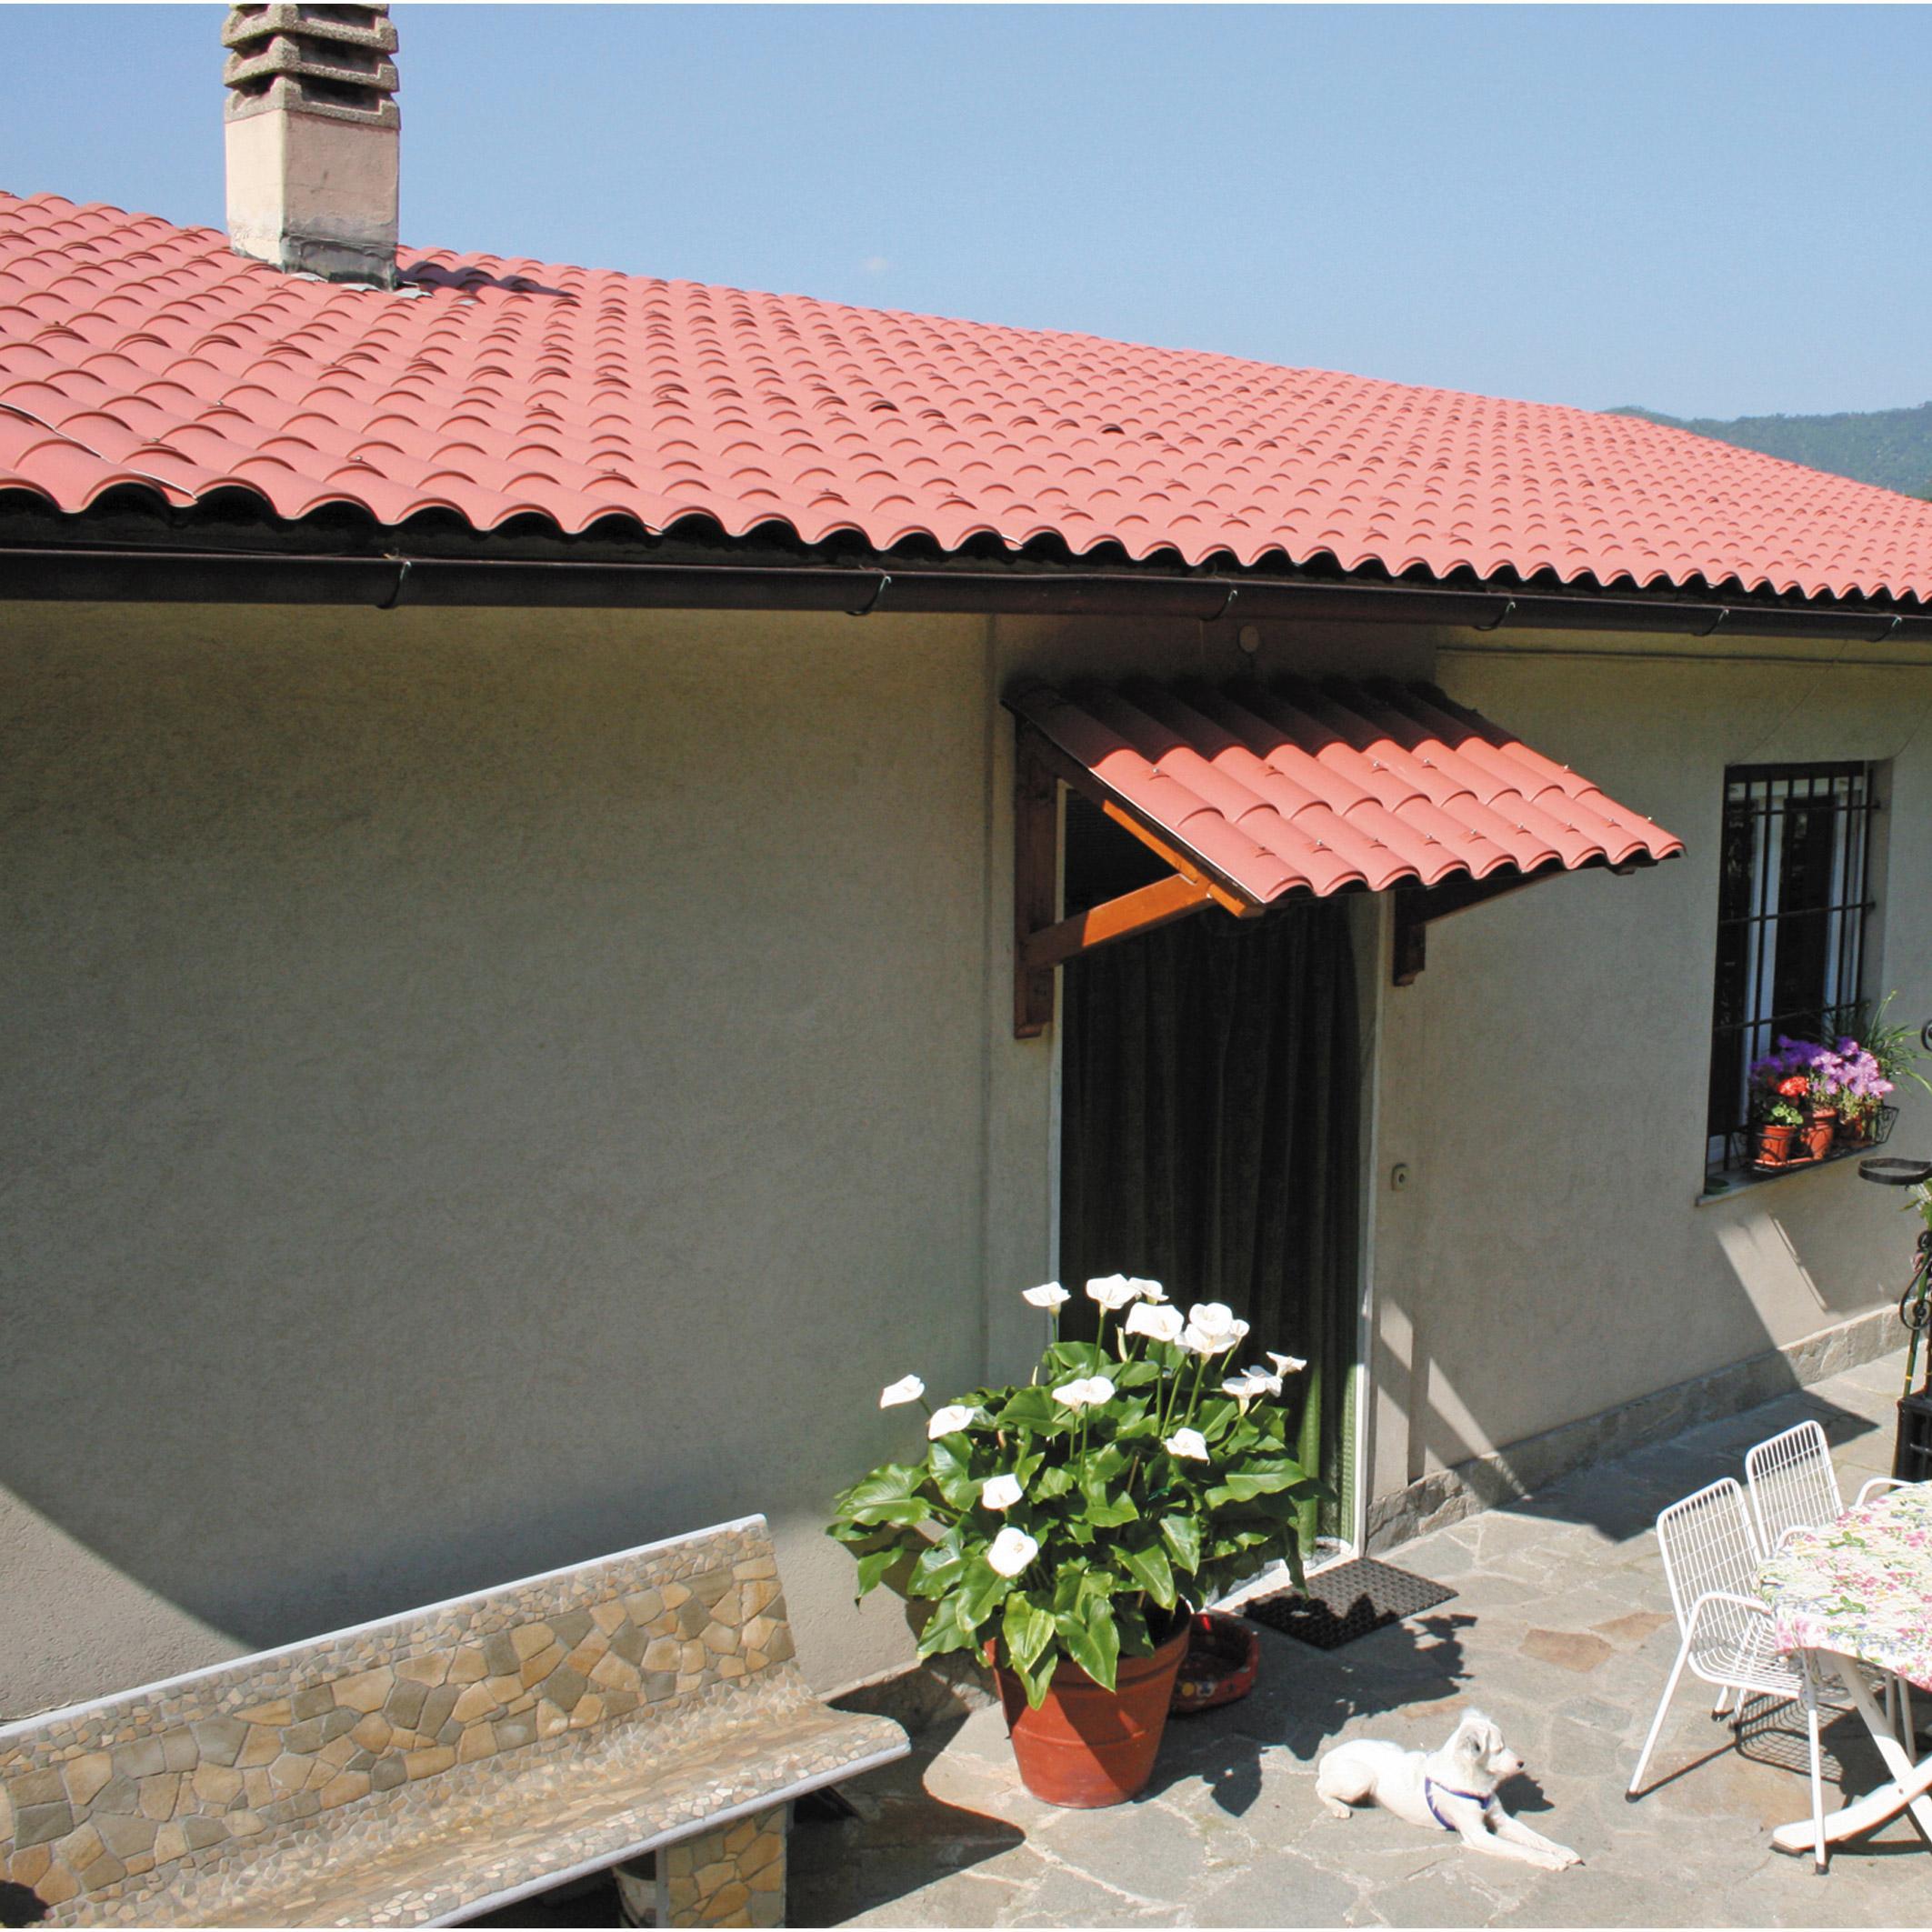 Plaque de toiture imitation tuile composite terracotta l1.03xL.2.08m FIRST PLAST | Leroy Merlin